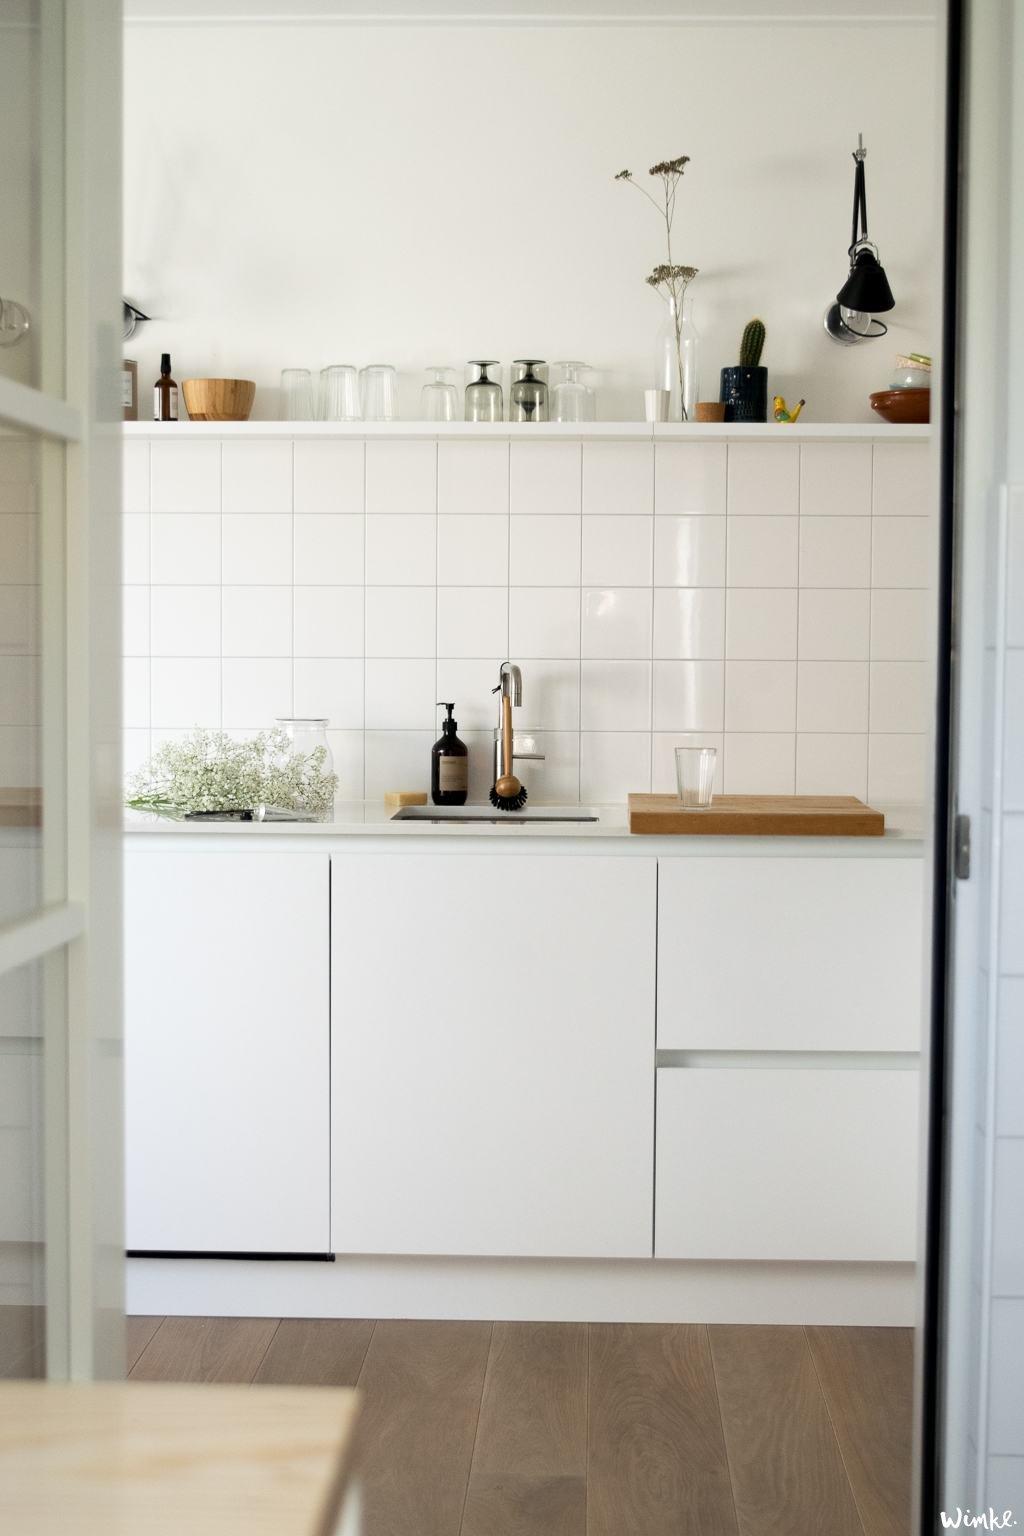 Meraki - Geur in huis - www.wimke.nl